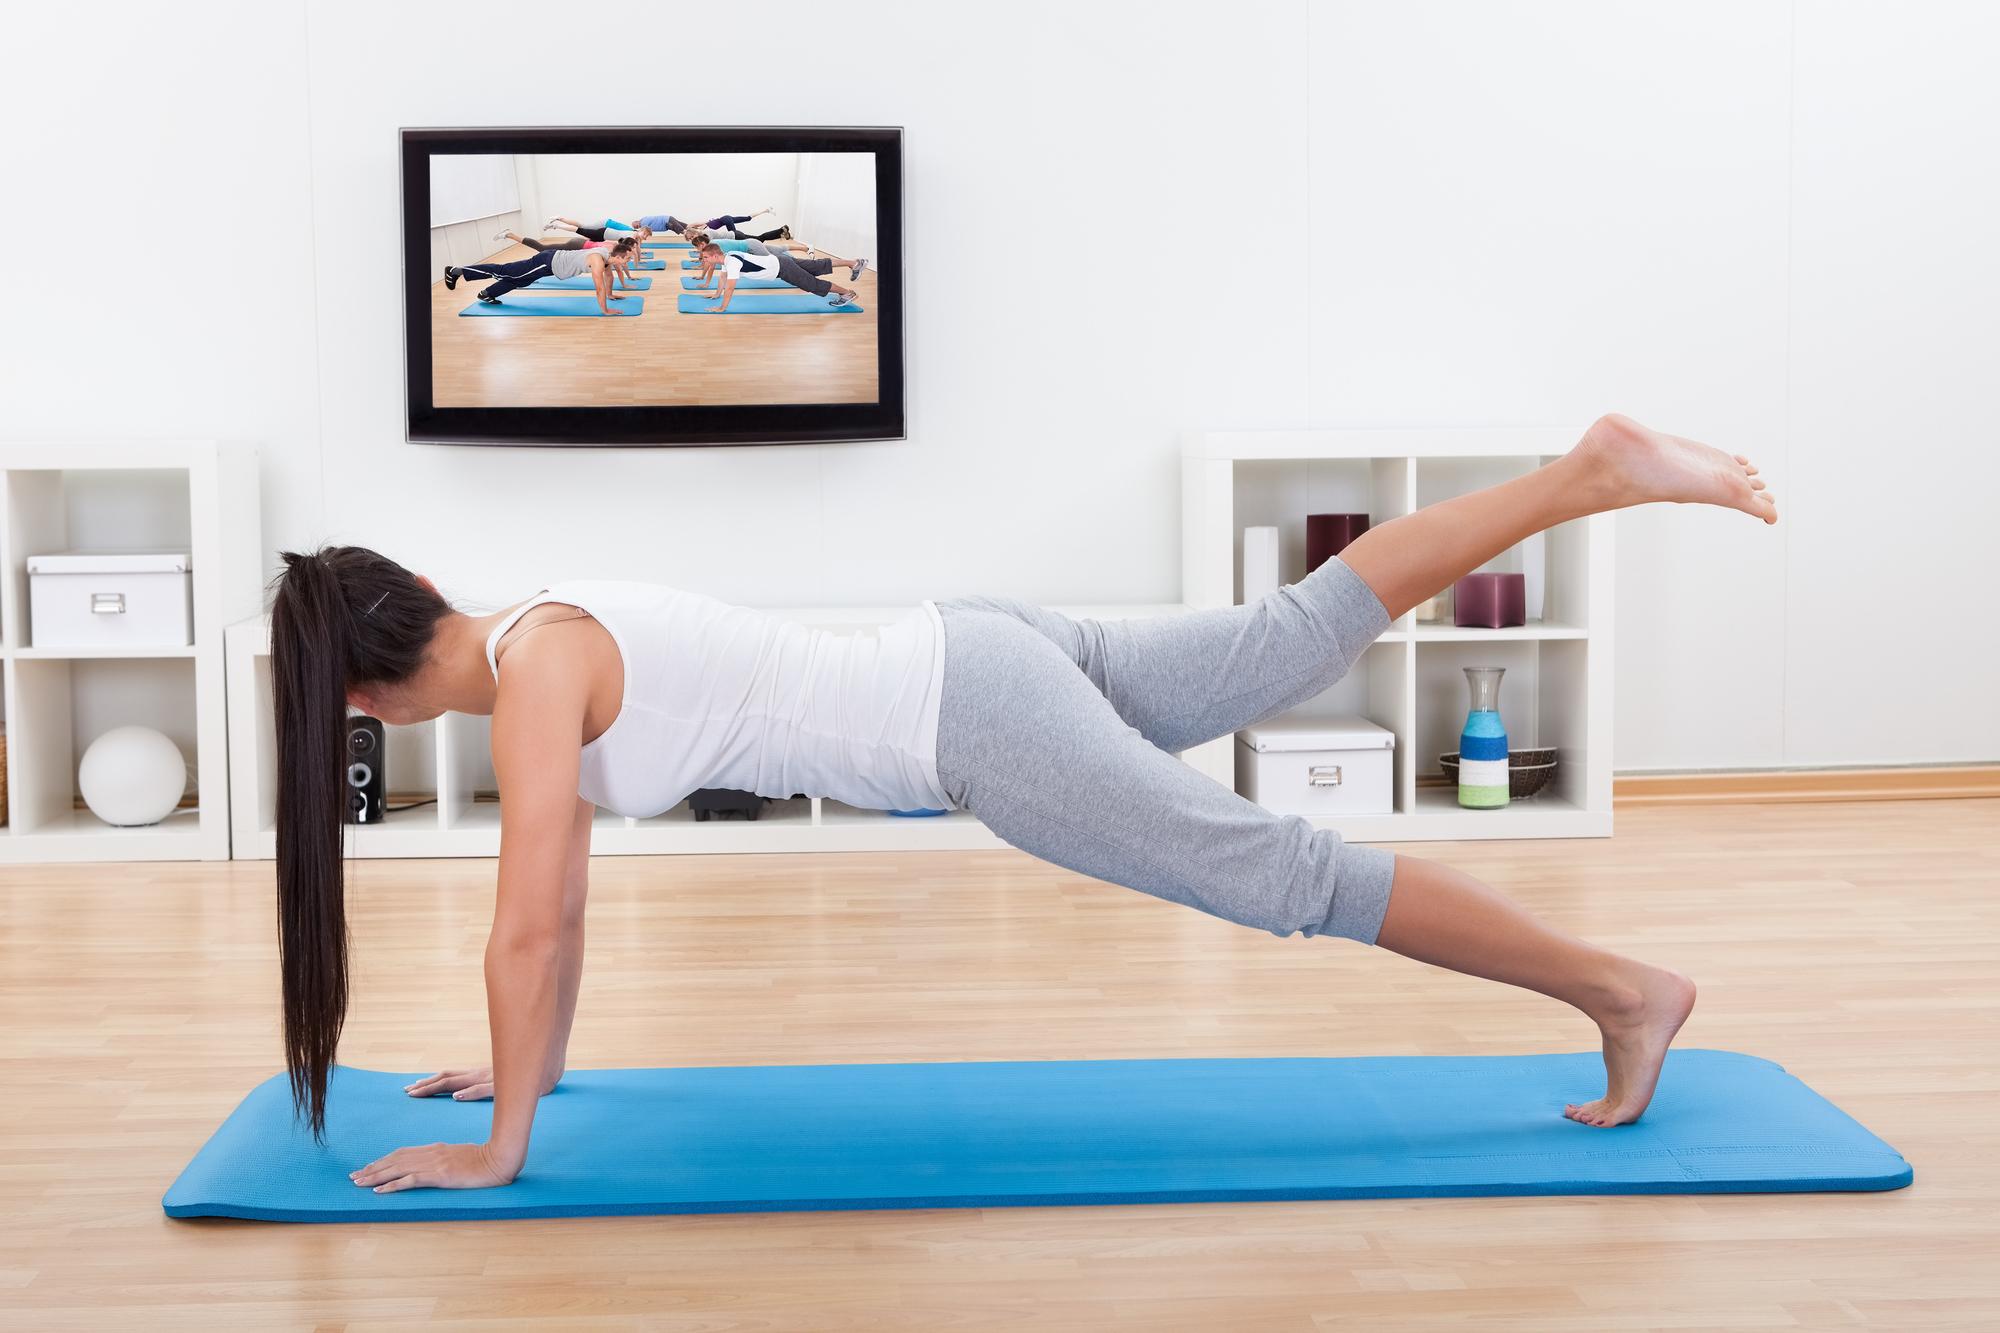 Бесплатное учение йоги для начинающих в приятной домашней обстановке 41